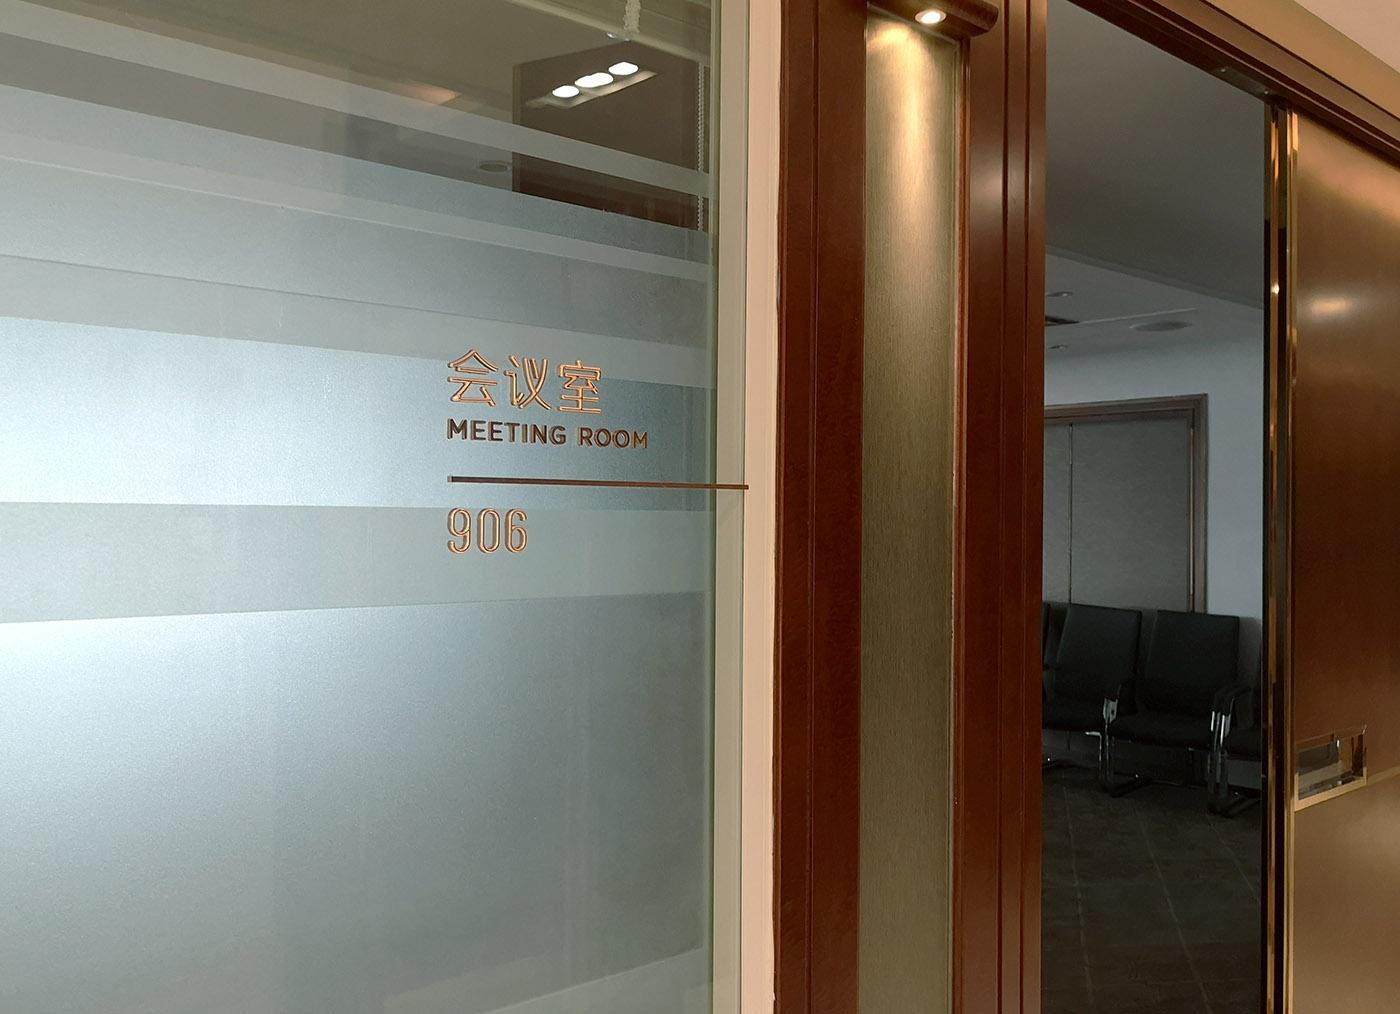 新豪方办公室导视系统设计 © 陈新军(深圳陈小军设计顾问有限公司)